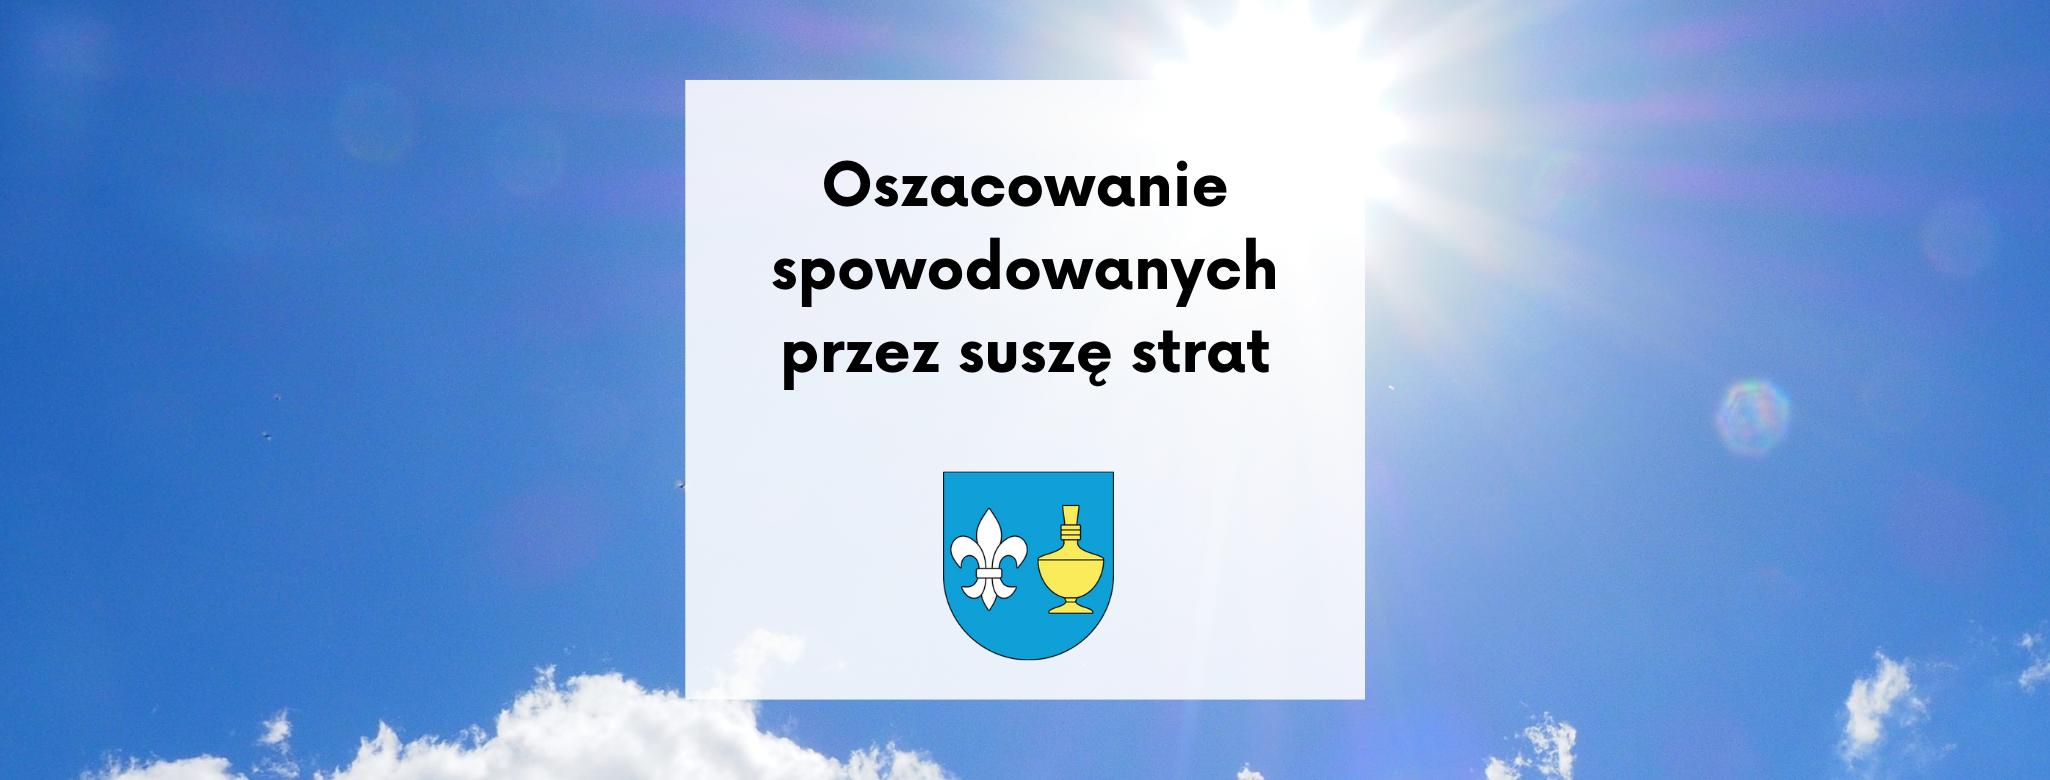 Nagłówek graficzny o treści: Oszacowanie spowodowanych przez suszę strat. W tle słoneczne niebo i chmury. Poniżej herb Gminy Koczała.